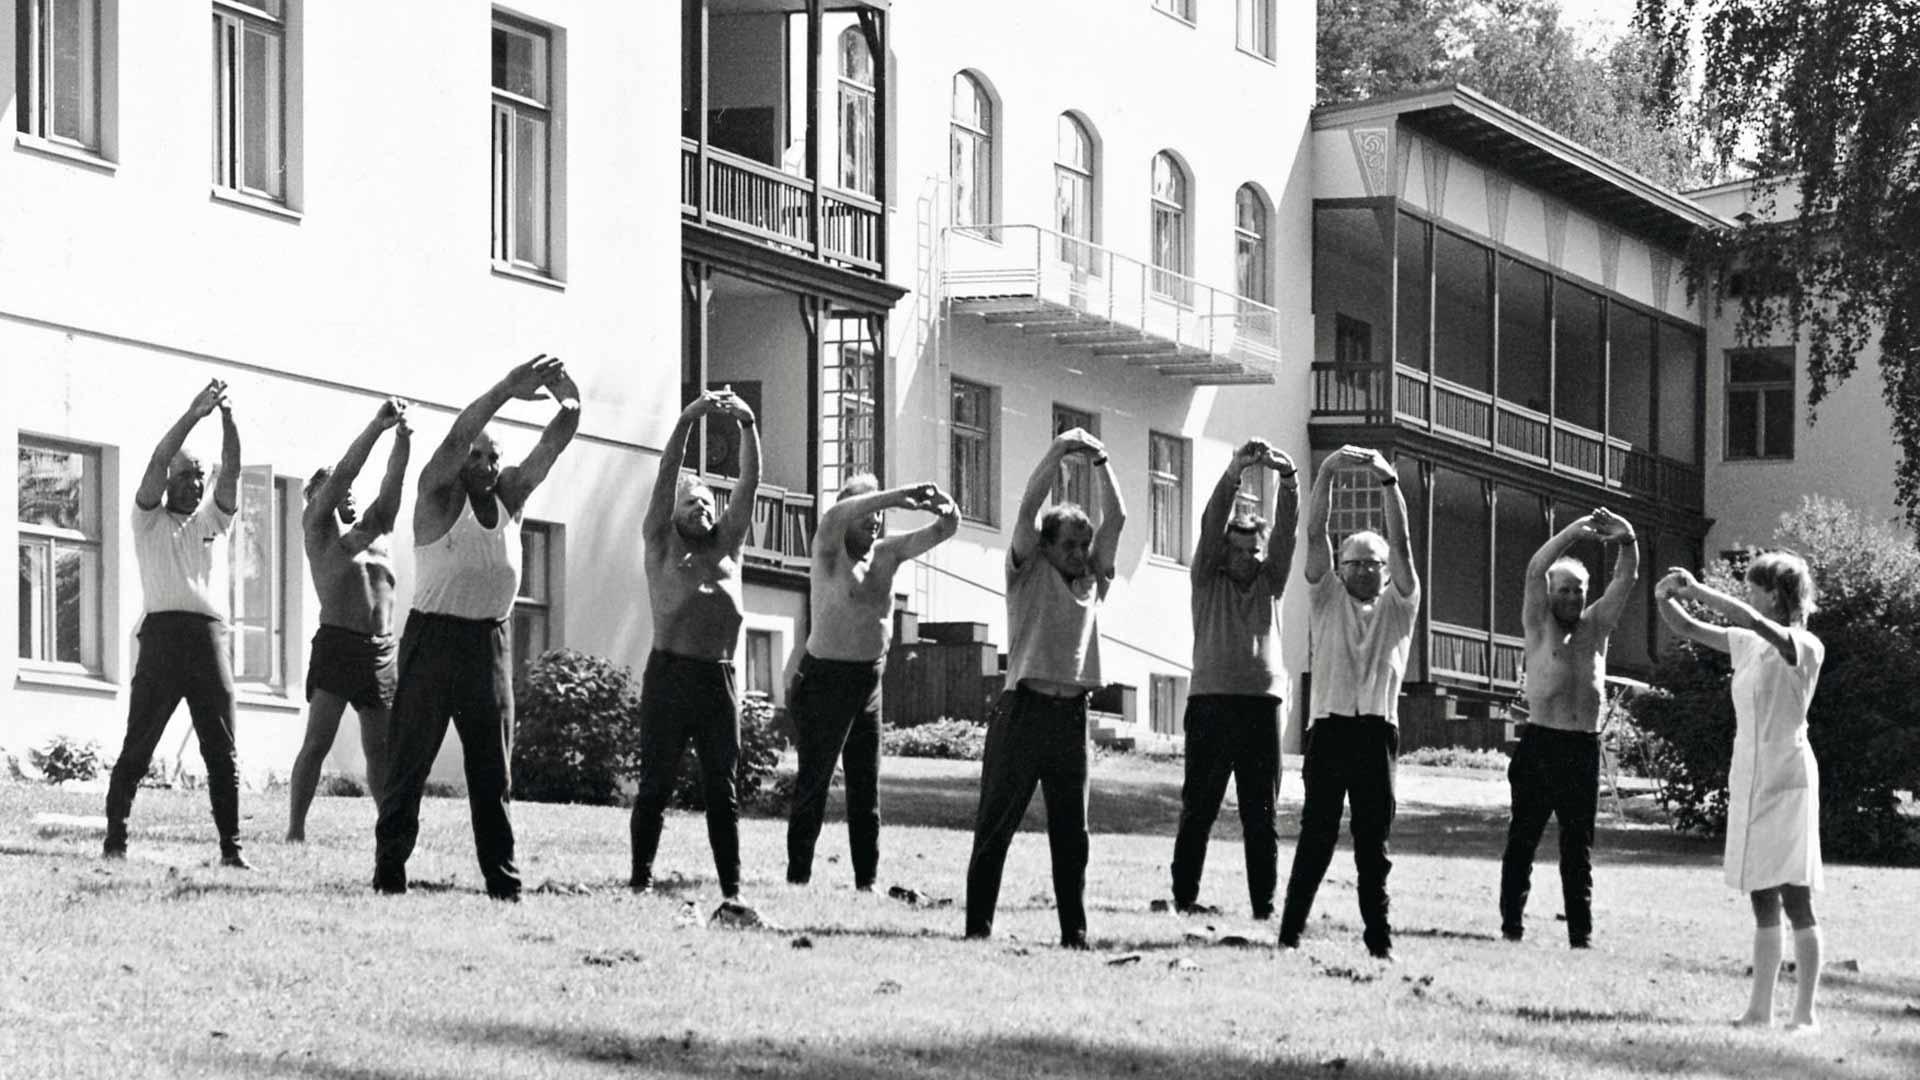 Säännöllinen liikunta kuului potilaiden ja kuntoutujien päivärytmiin.